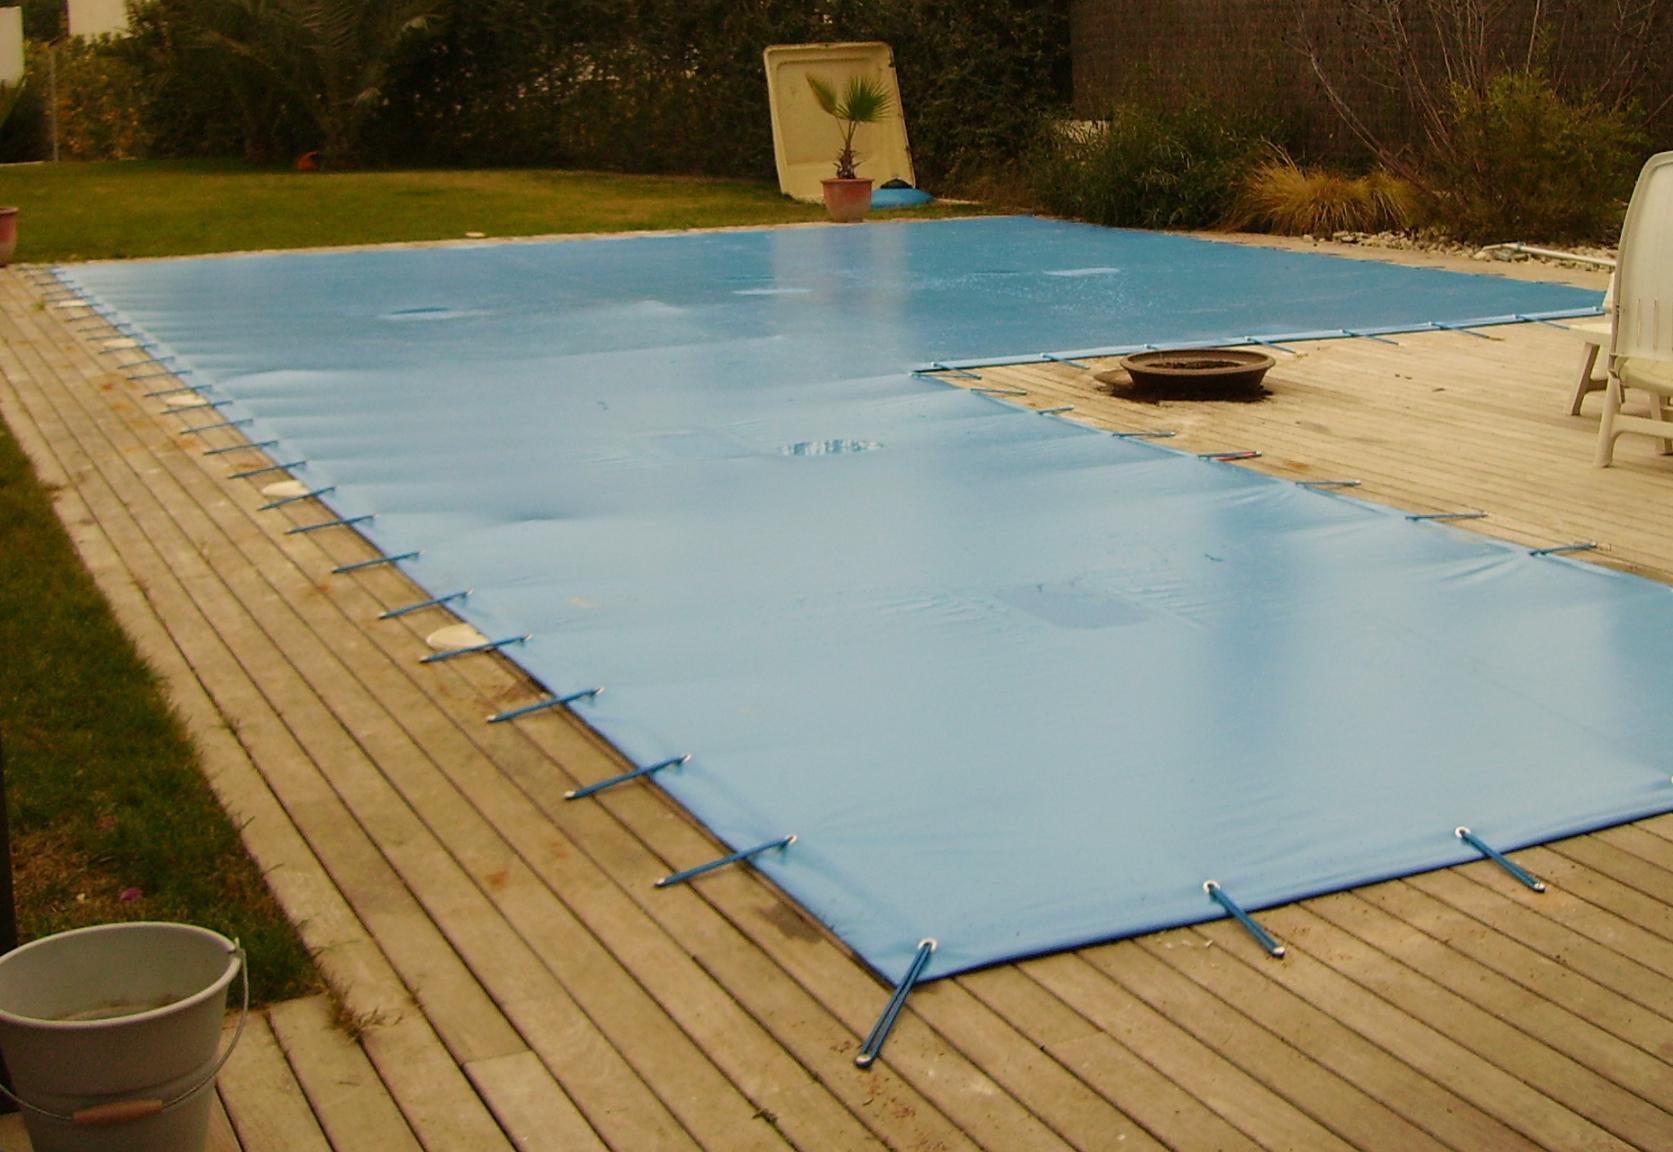 Mantenimiento de la piscina en oto o invierno maquituls for Mantenimiento de la piscina